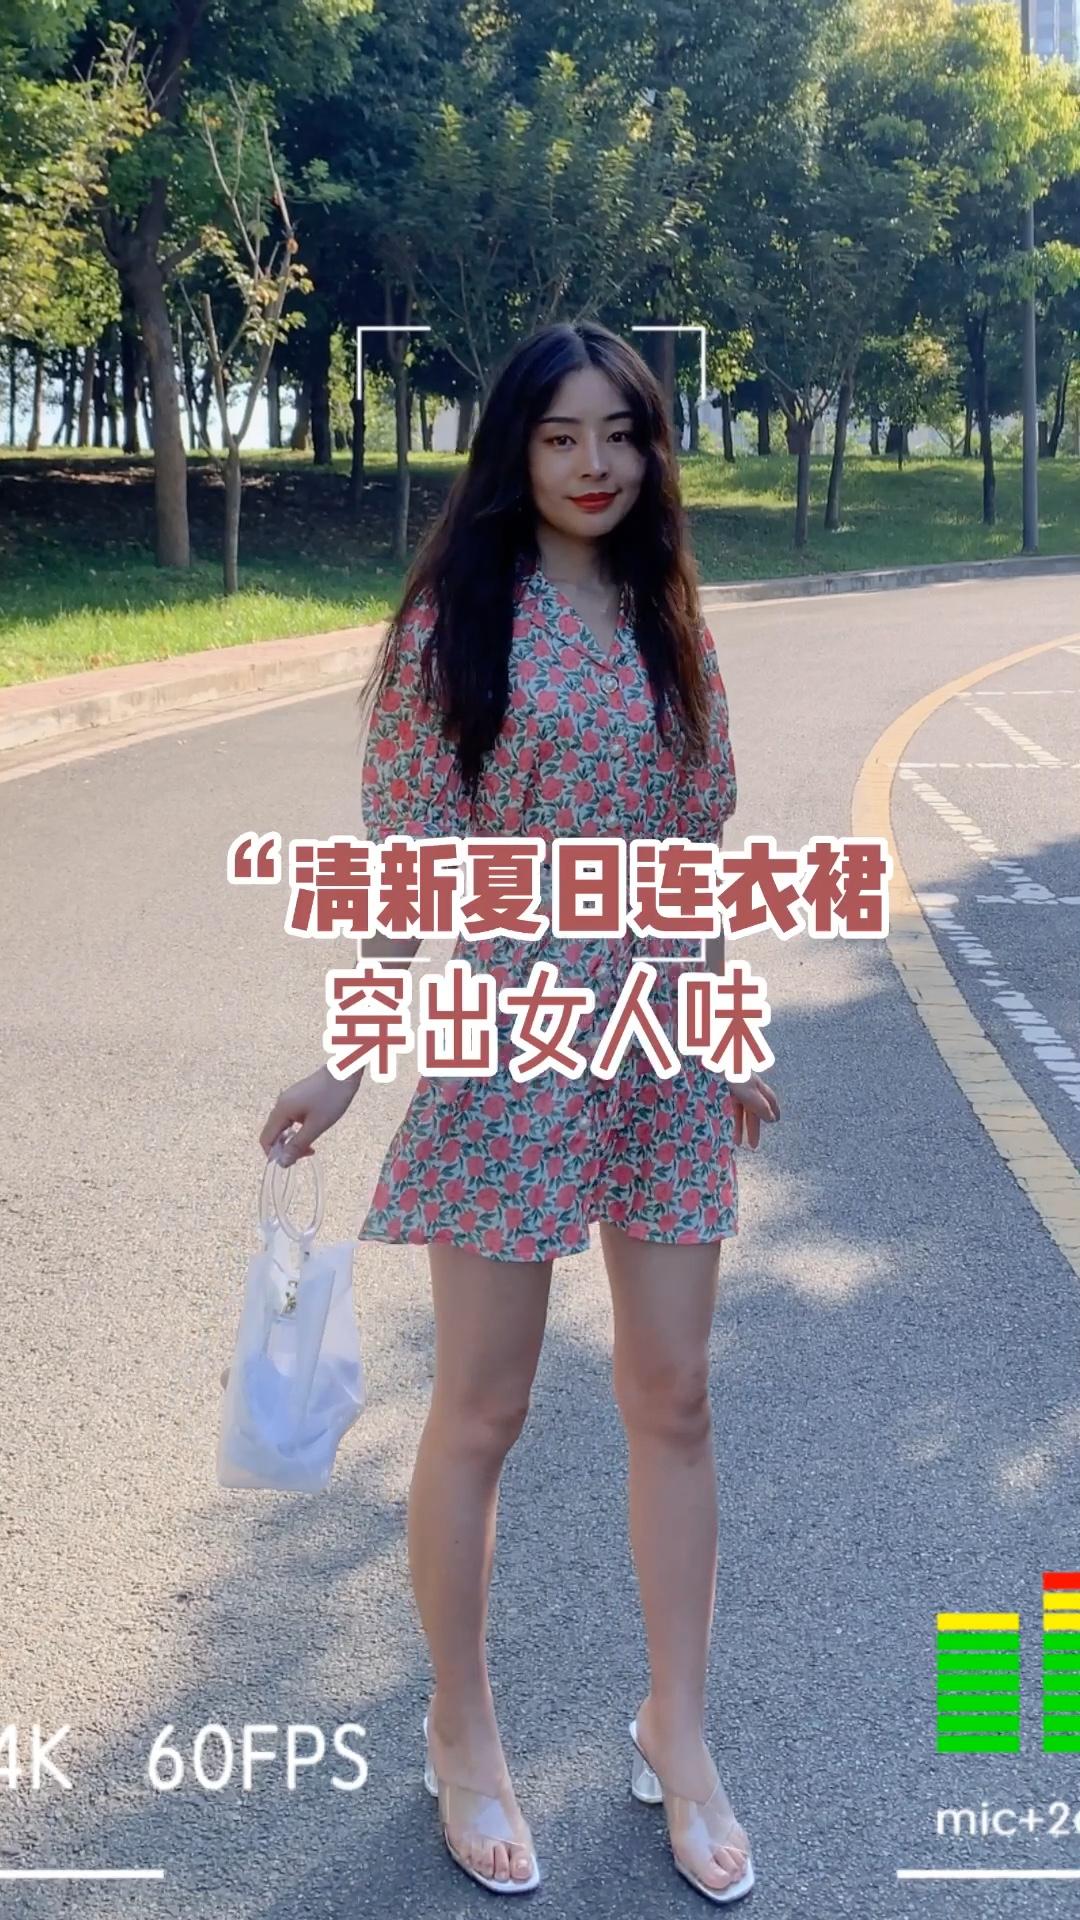 #夏日收官look大比拼# 马上夏天就要结束啦,好看的裙装也要抓紧时间穿哦! 这件连衣裙是超甜的感觉哦,有玫瑰的印花,发配果冻凉鞋,很有女人味哦!